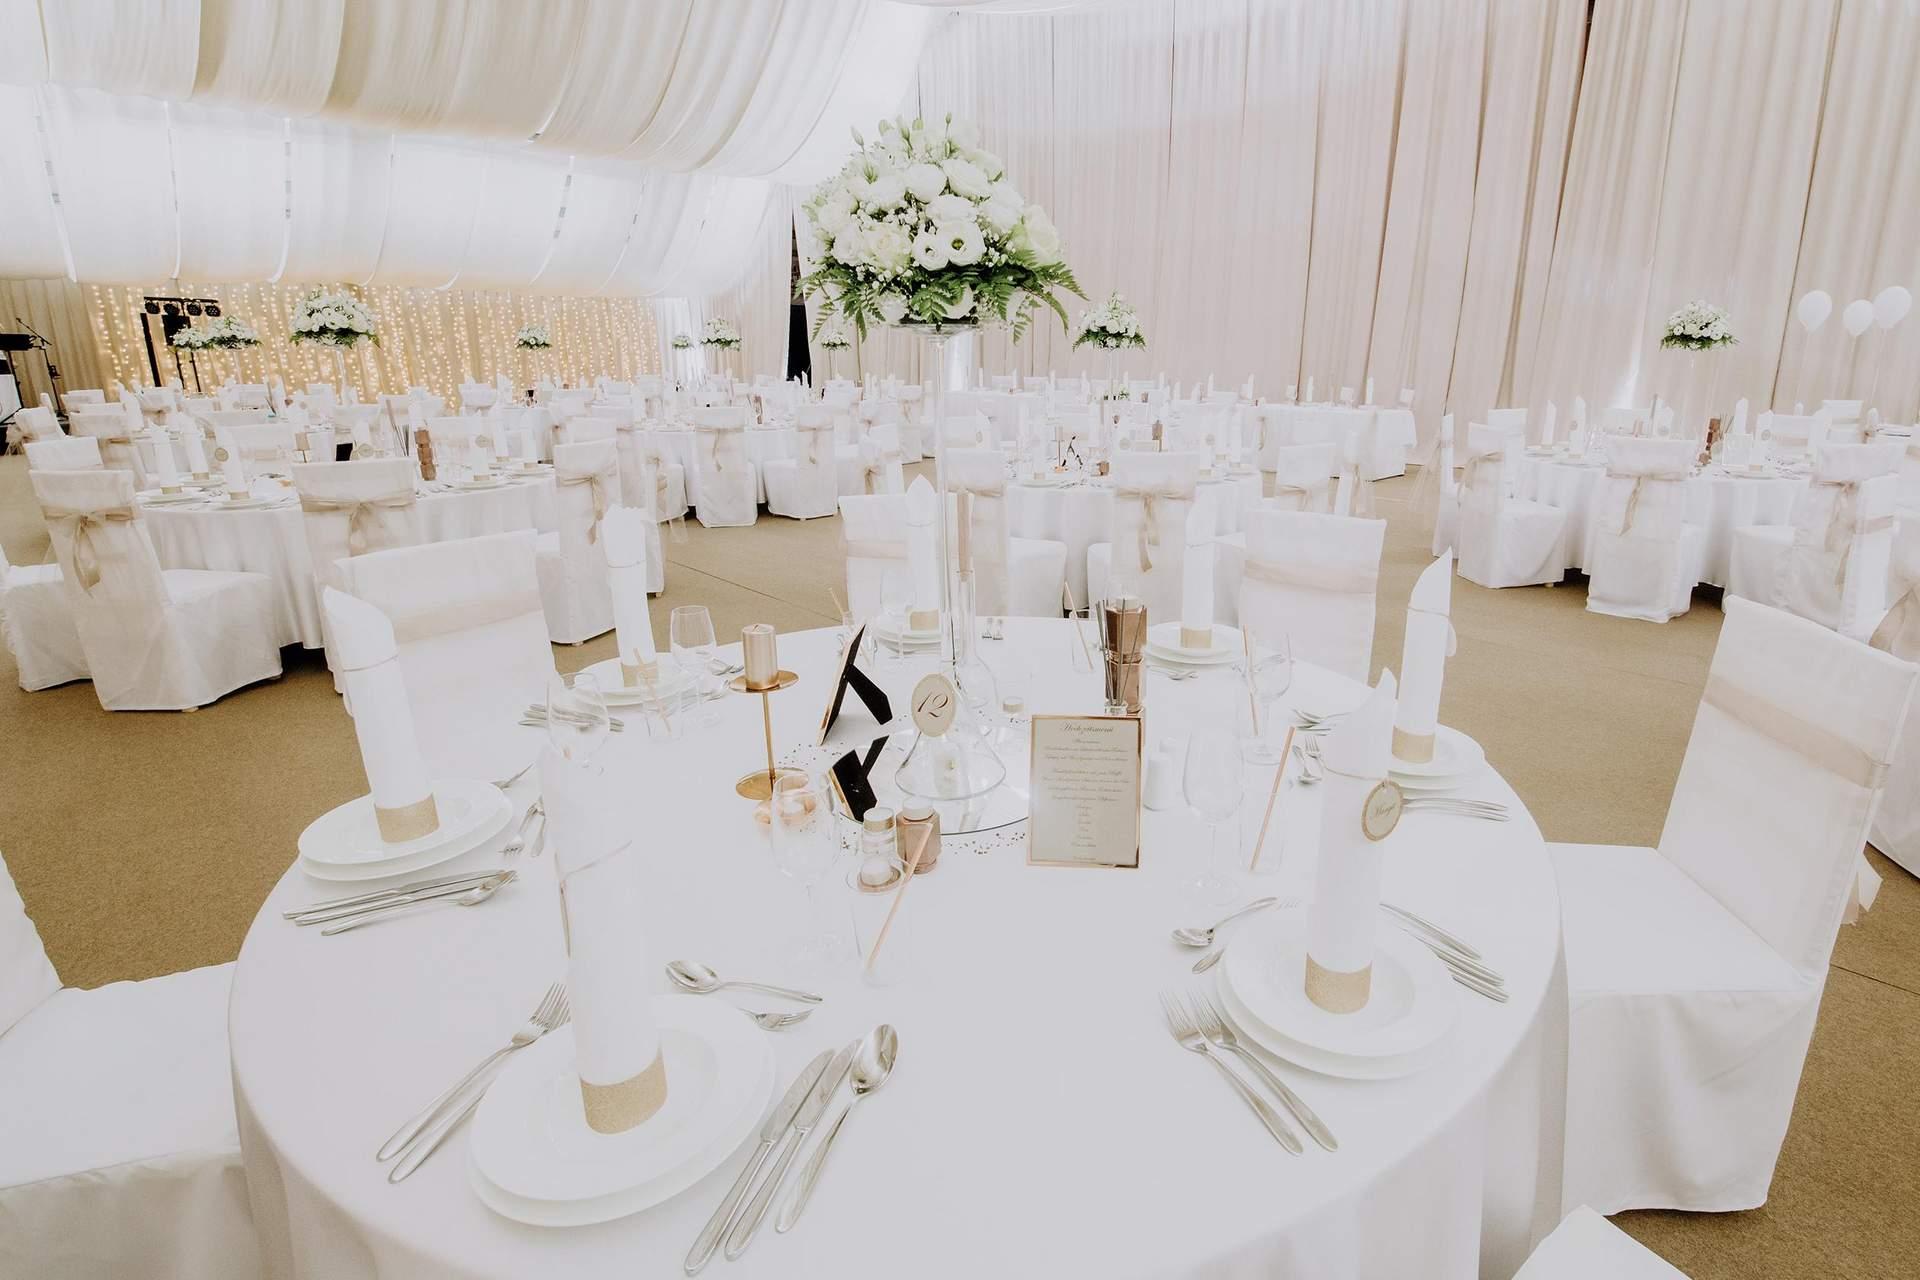 Tischgedeck im Hochzeitssaal